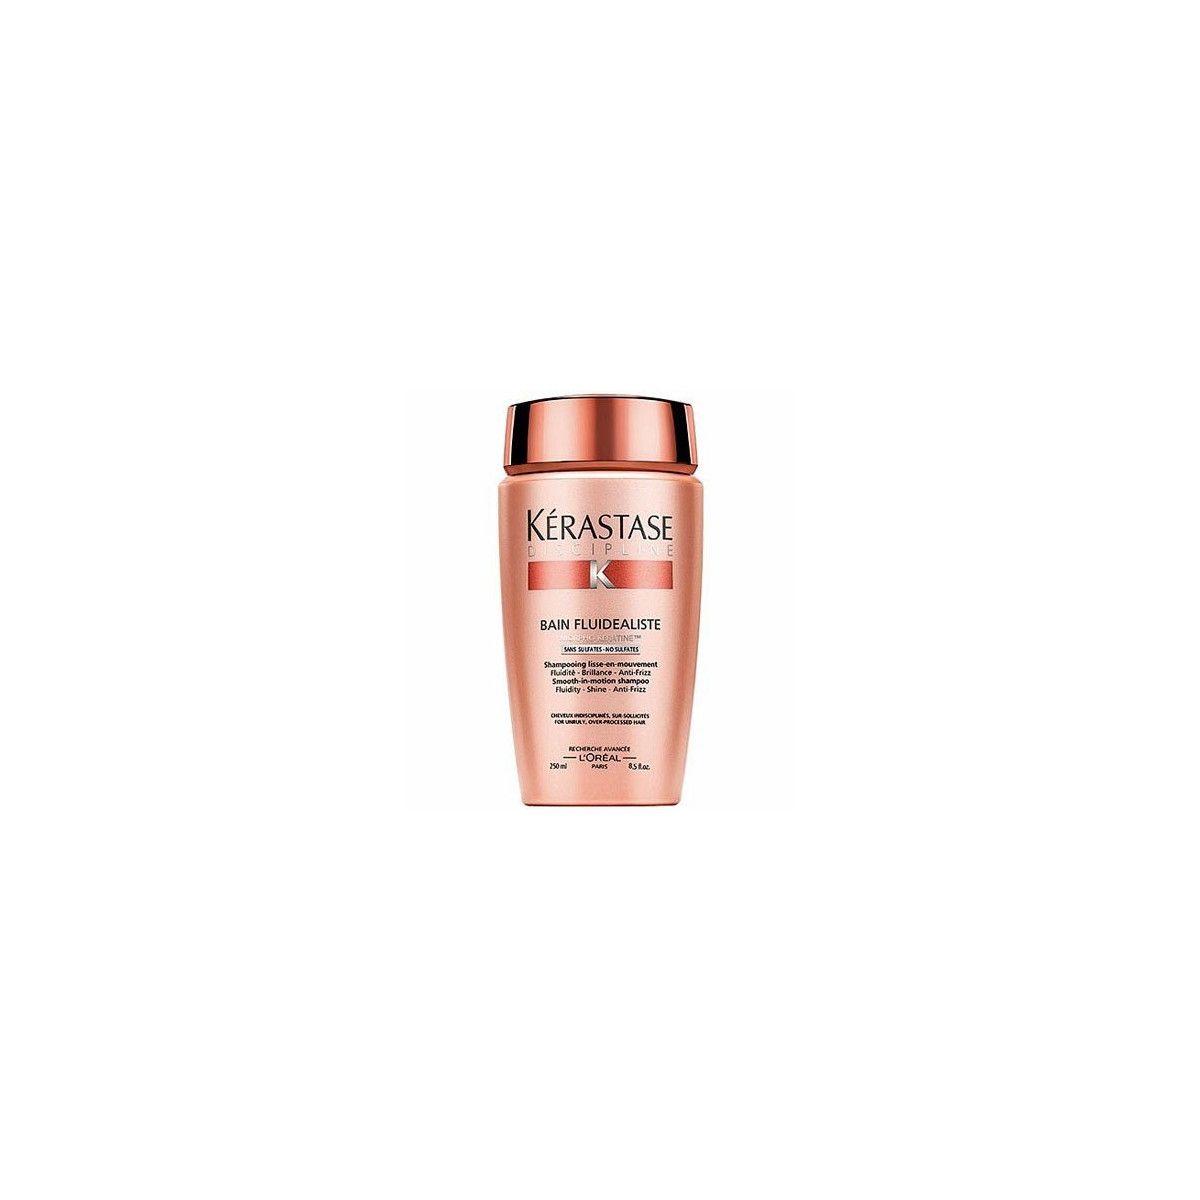 Kerastase Fluidealiste Sulfate Free bez siarczanów, szampon wygładzający 250ml